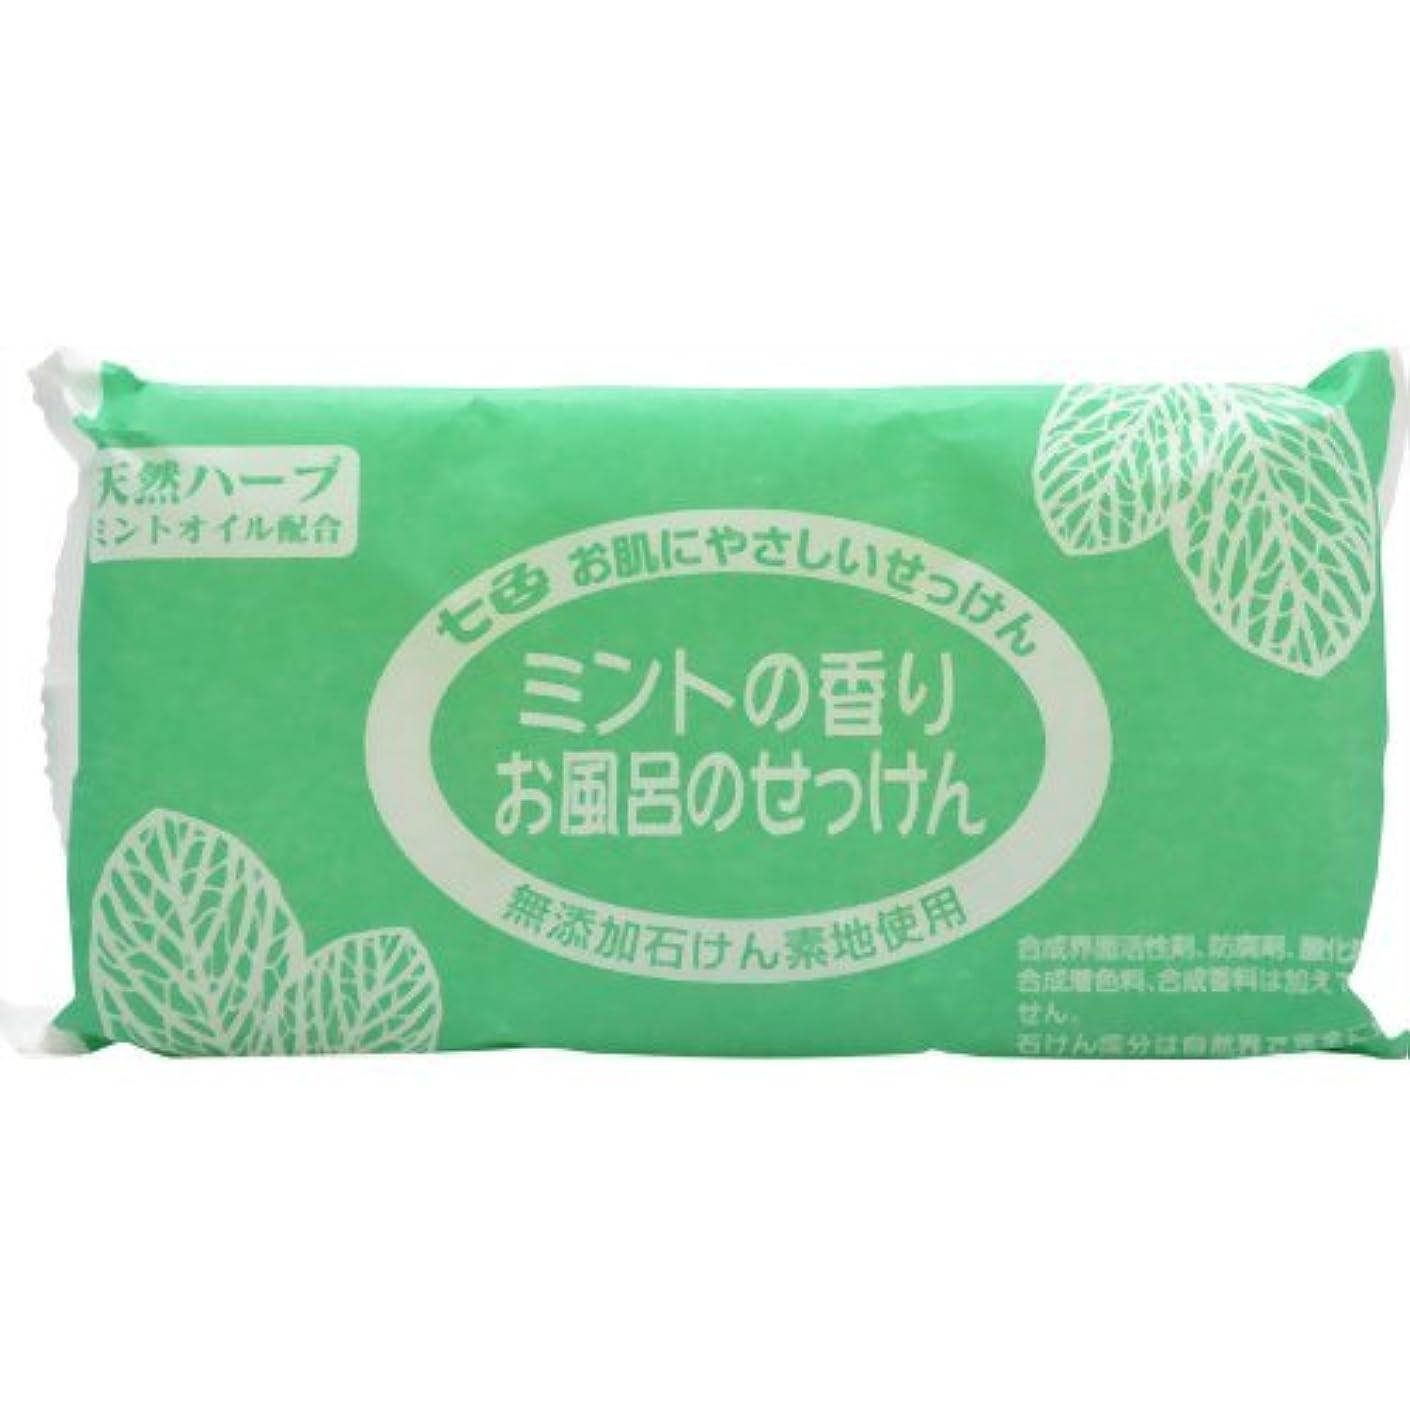 提案する俳句司令官七色 お風呂のせっけん ミントの香り(無添加石鹸) 100g×3個入